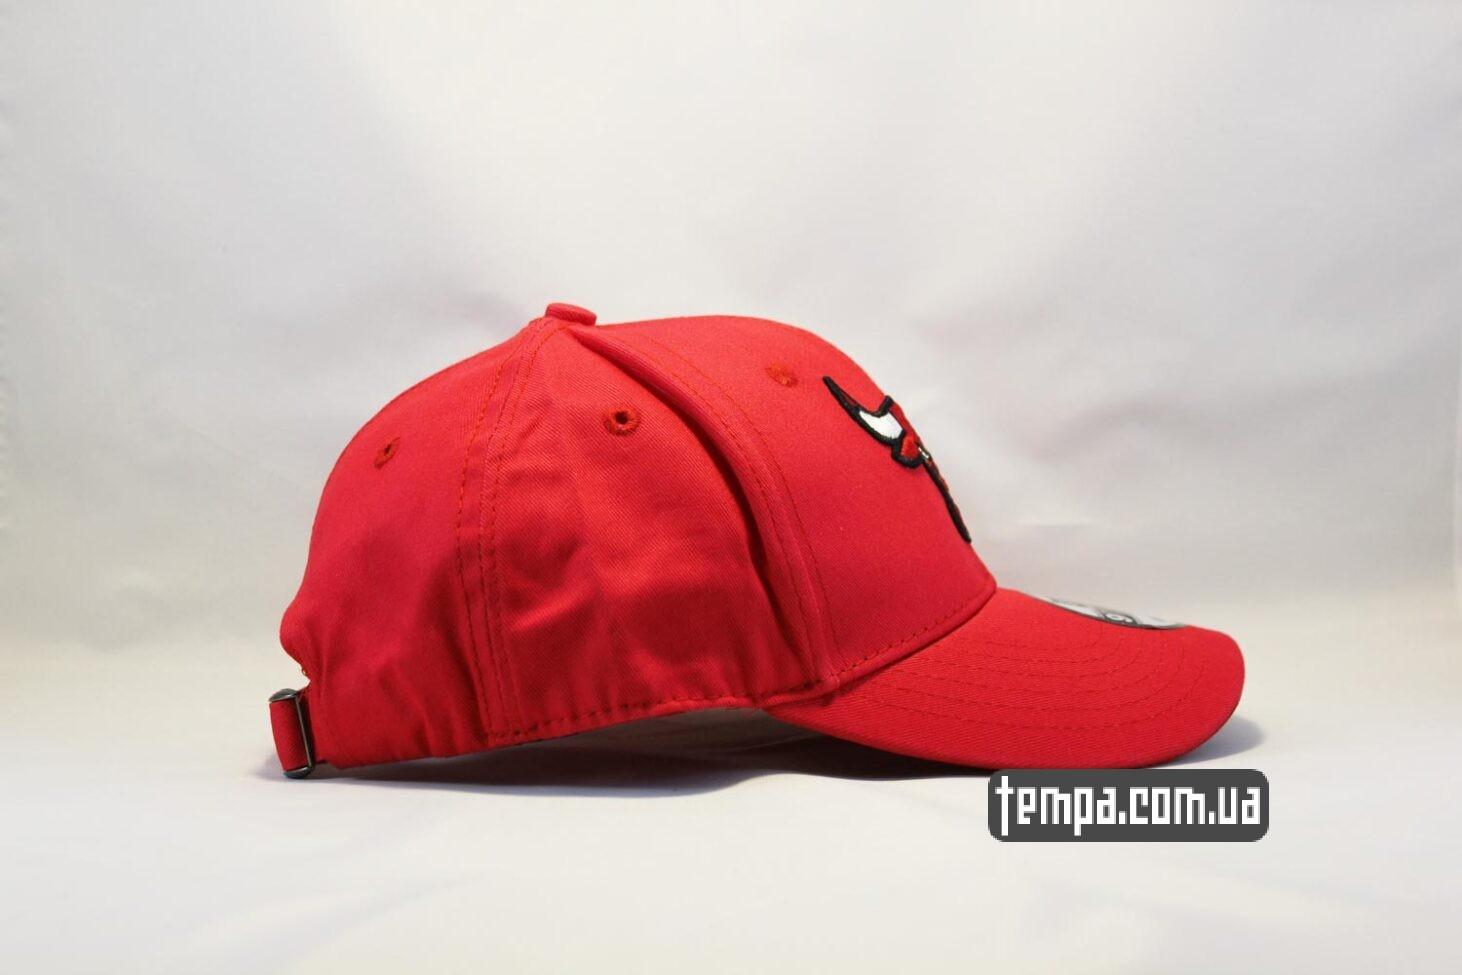 чикаго буллс украина кепка бейсболка Chicago Bulls New Era 9TWENTY красная с быком